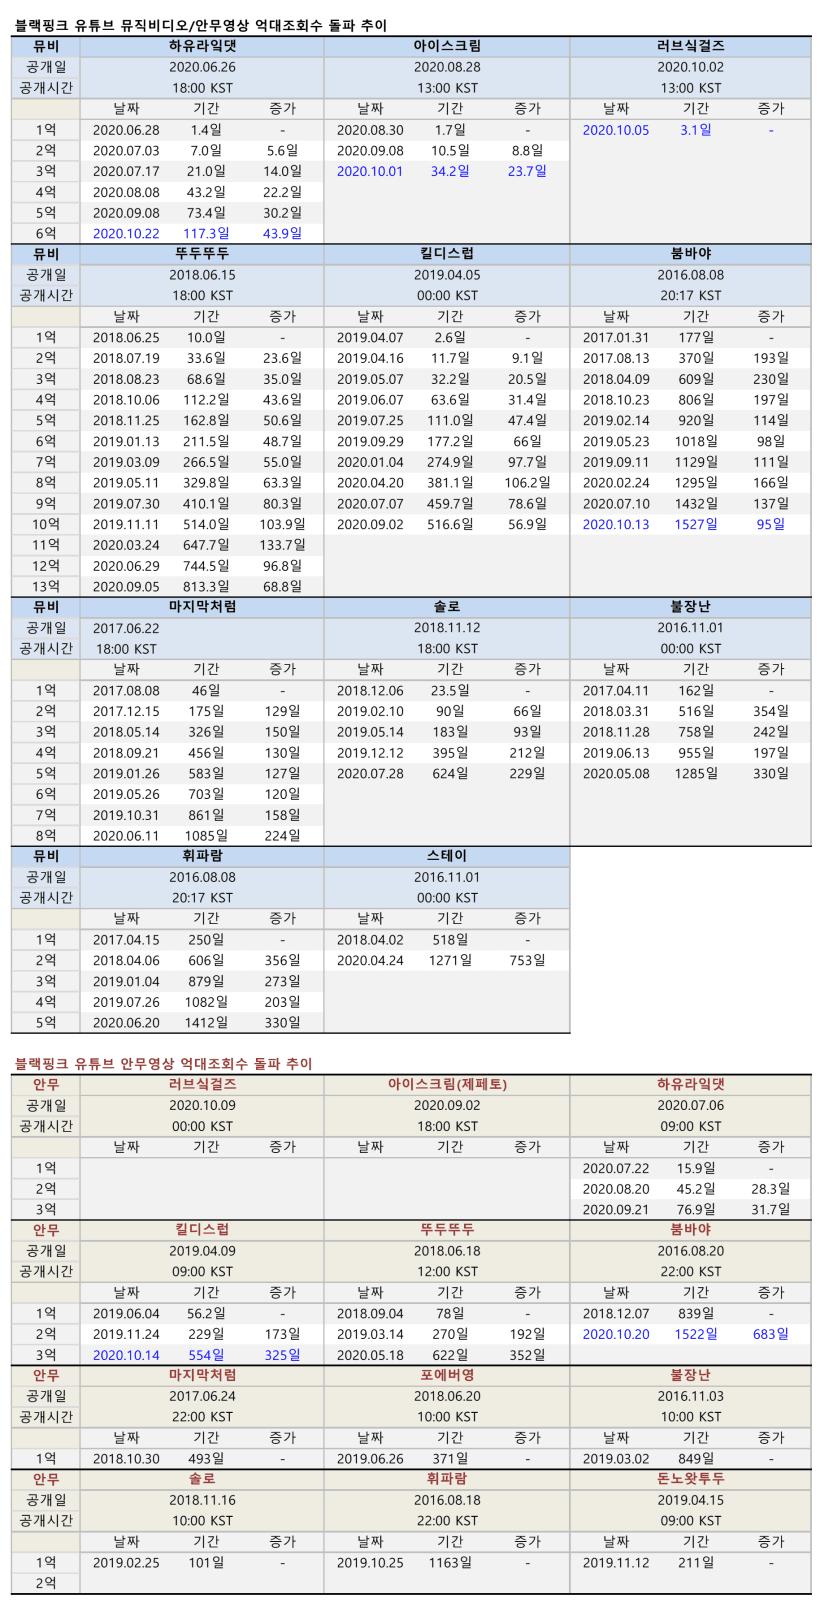 viewimage.php?id=2fb1d125eec231a865&no=24b0d769e1d32ca73fec87fa11d0283168a8dd5d0373ee31e5f23e84e6208773a21a3e9a19ca66fa2fd8f8072665a6f00f77a3a323f9cb0ffa835e49eee9f428cadb949d2a